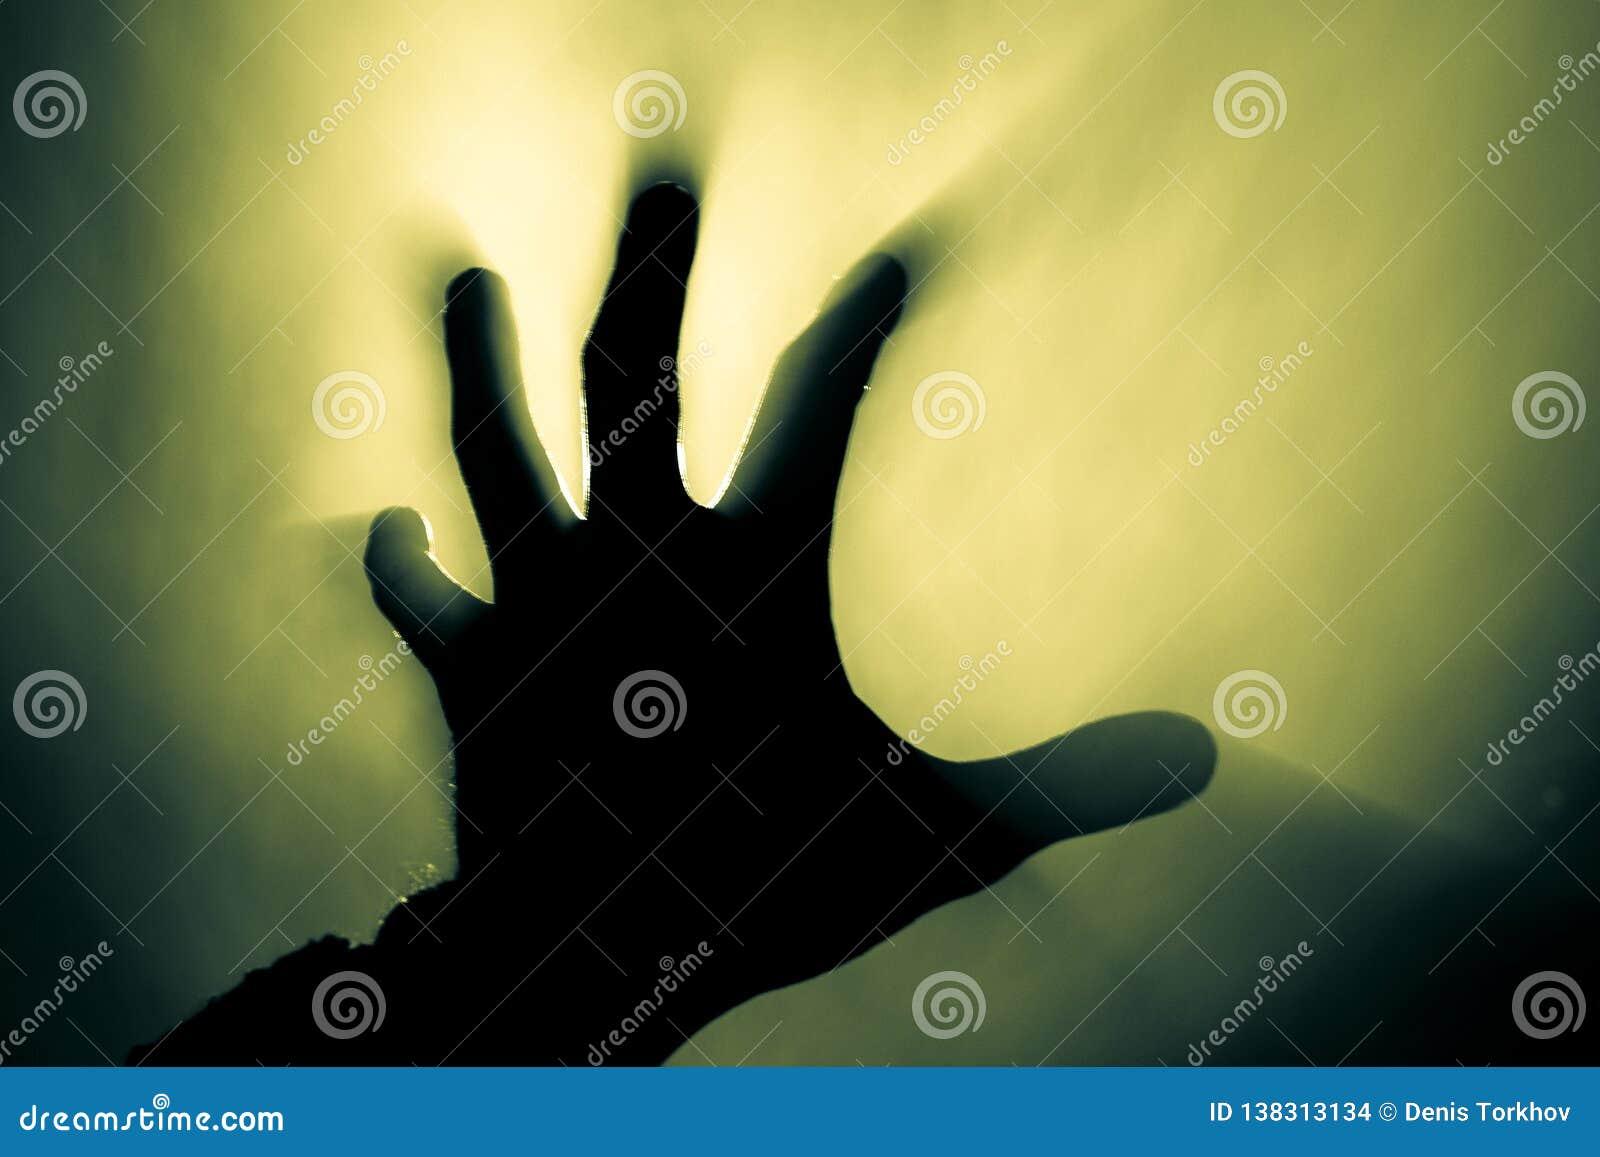 Запачканная рука в дыме в огне в жестком свете солнца